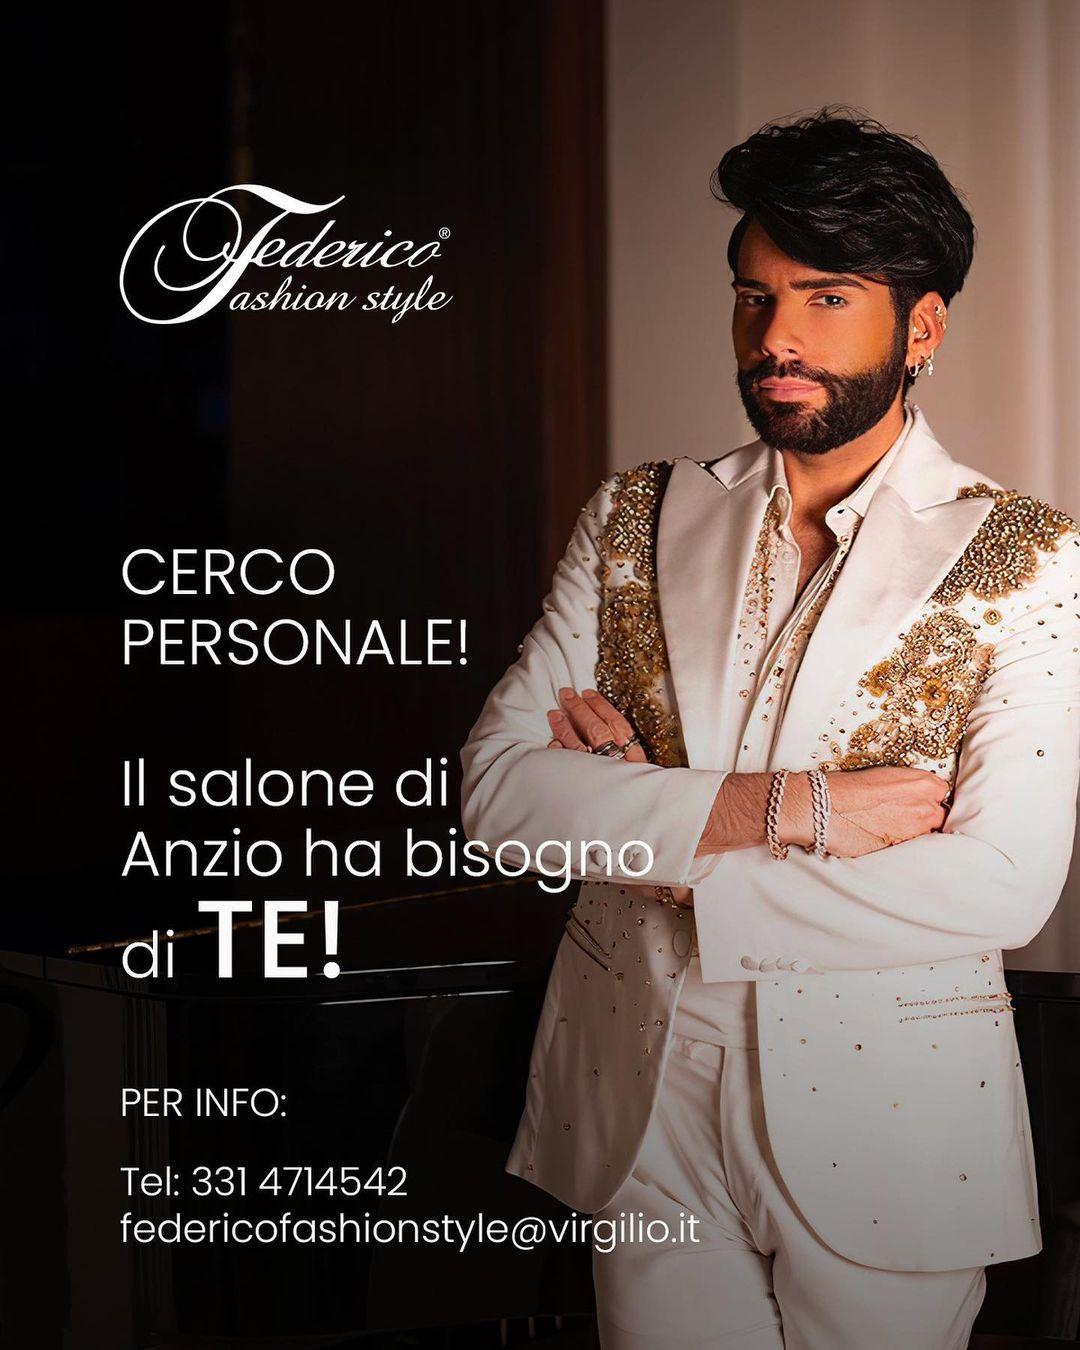 federico fashion style salone anzio